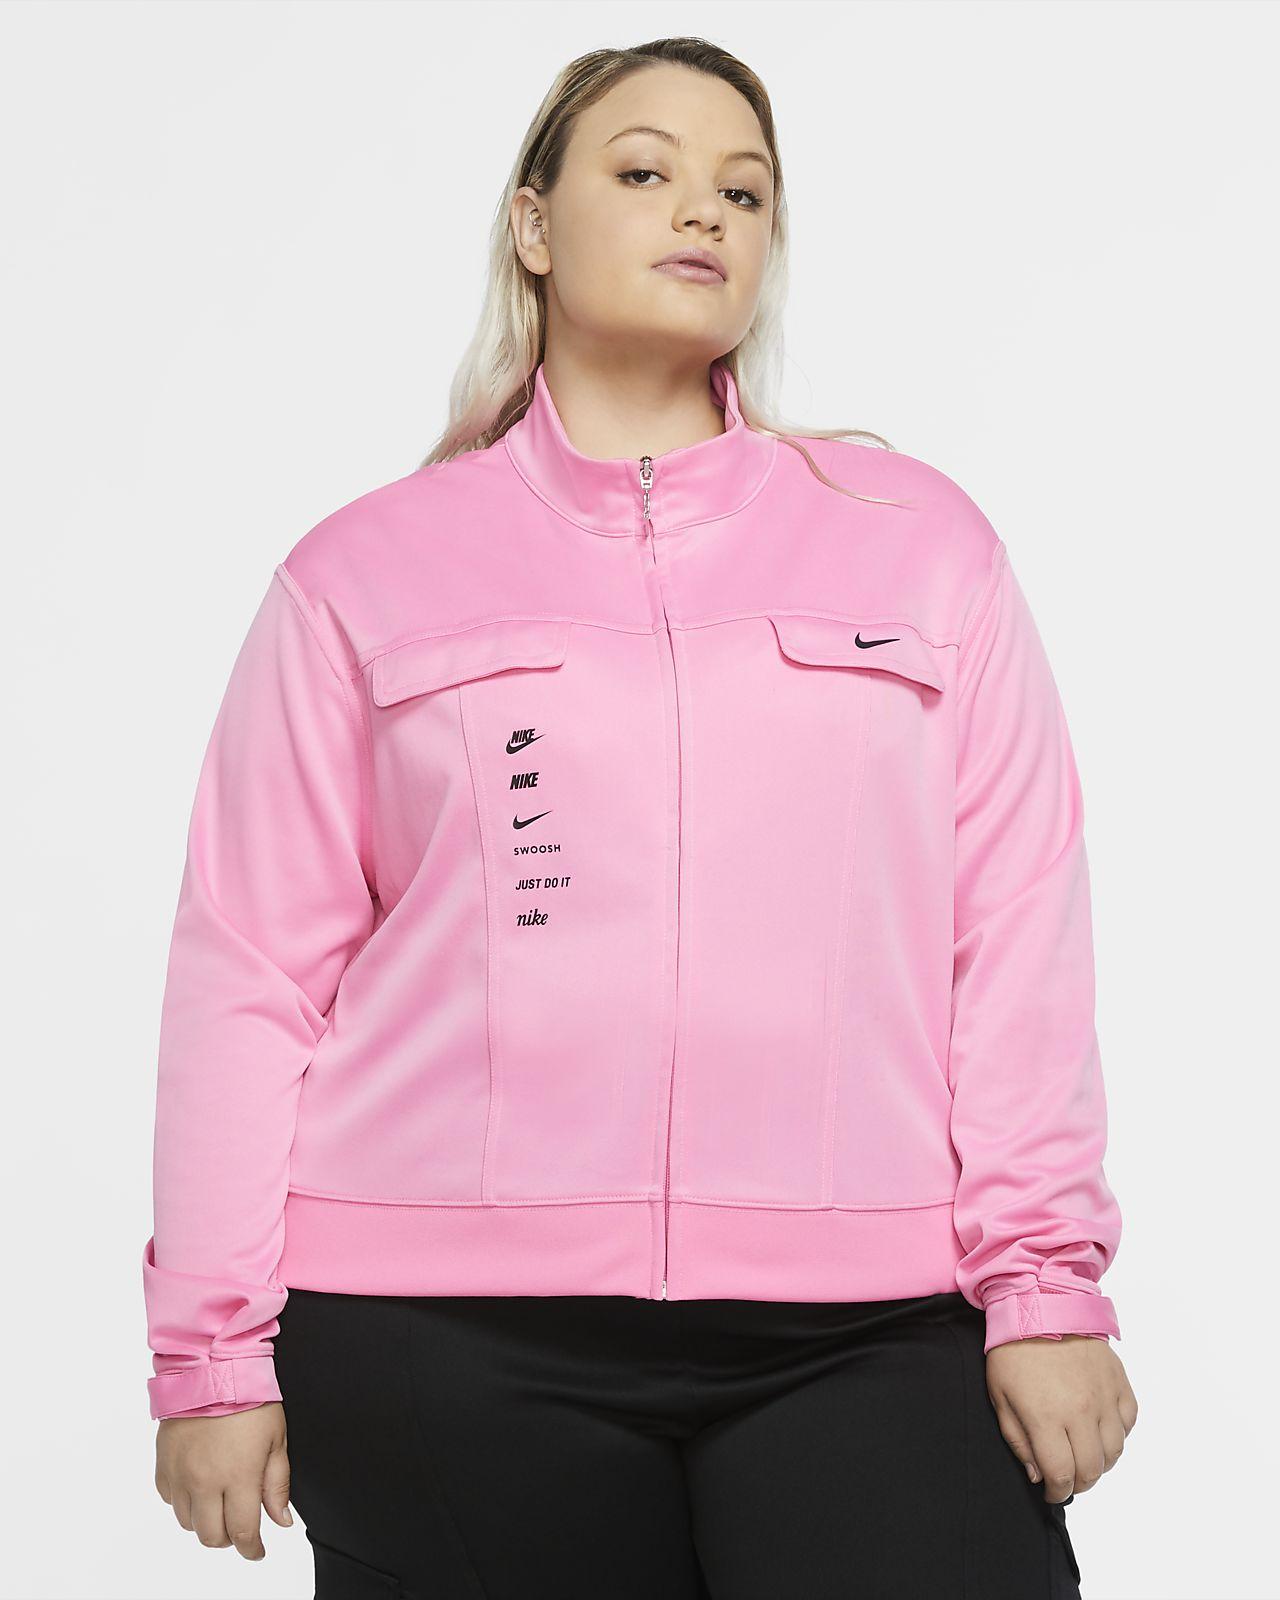 Nike Sportswear Swoosh polystrikket jakke til dame (Plus Size)